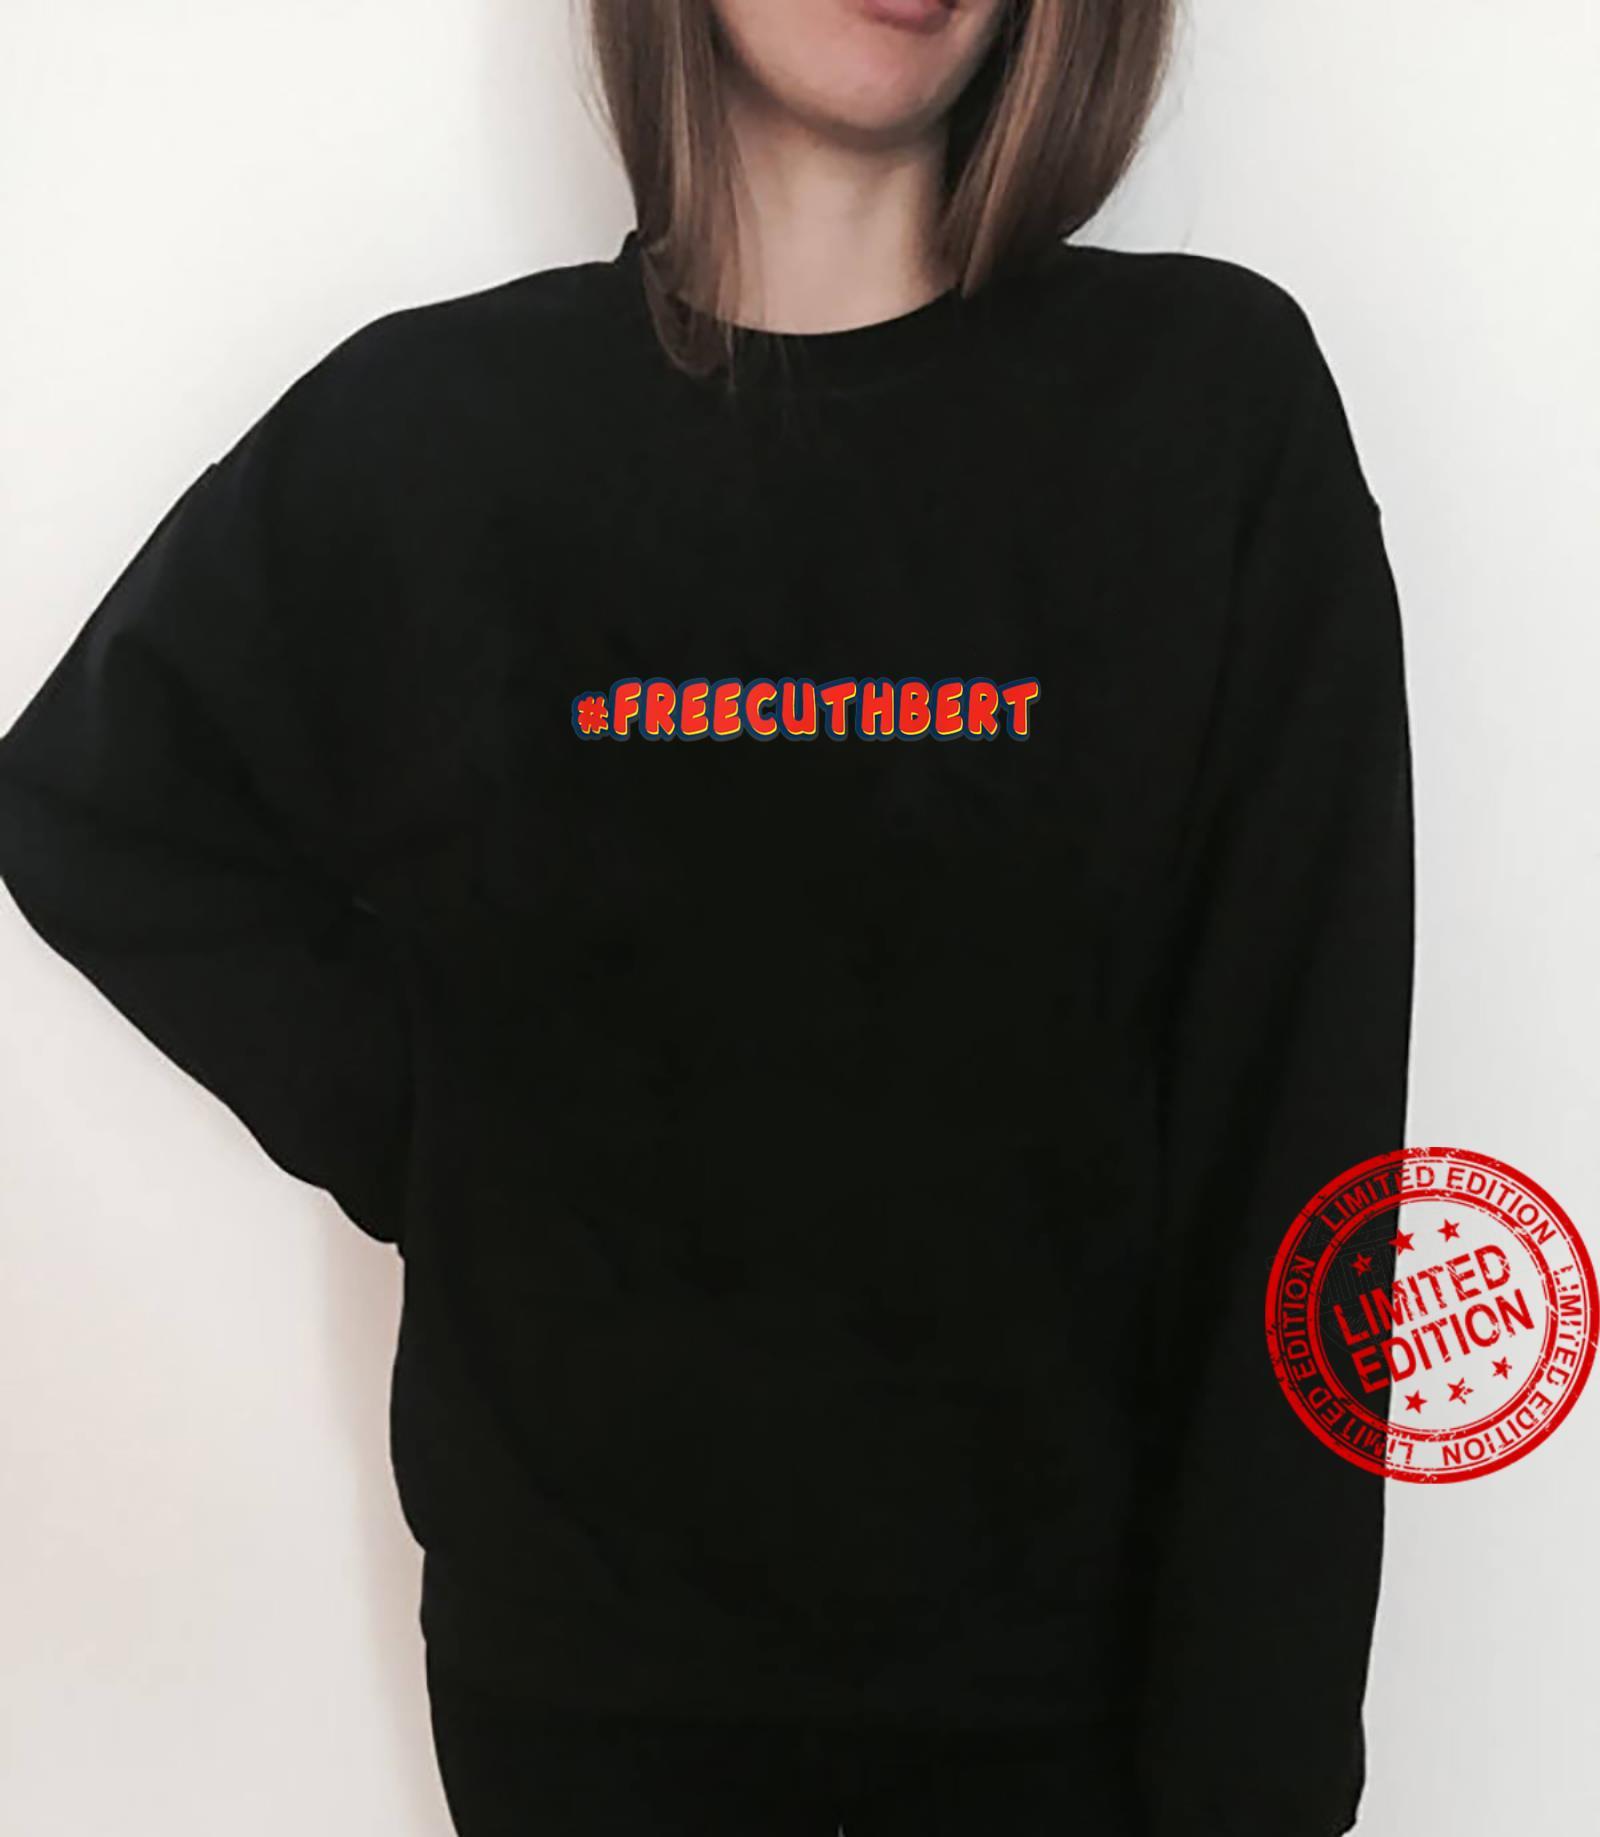 Free Cuthbert Caterpillar hashtag Shirt sweater